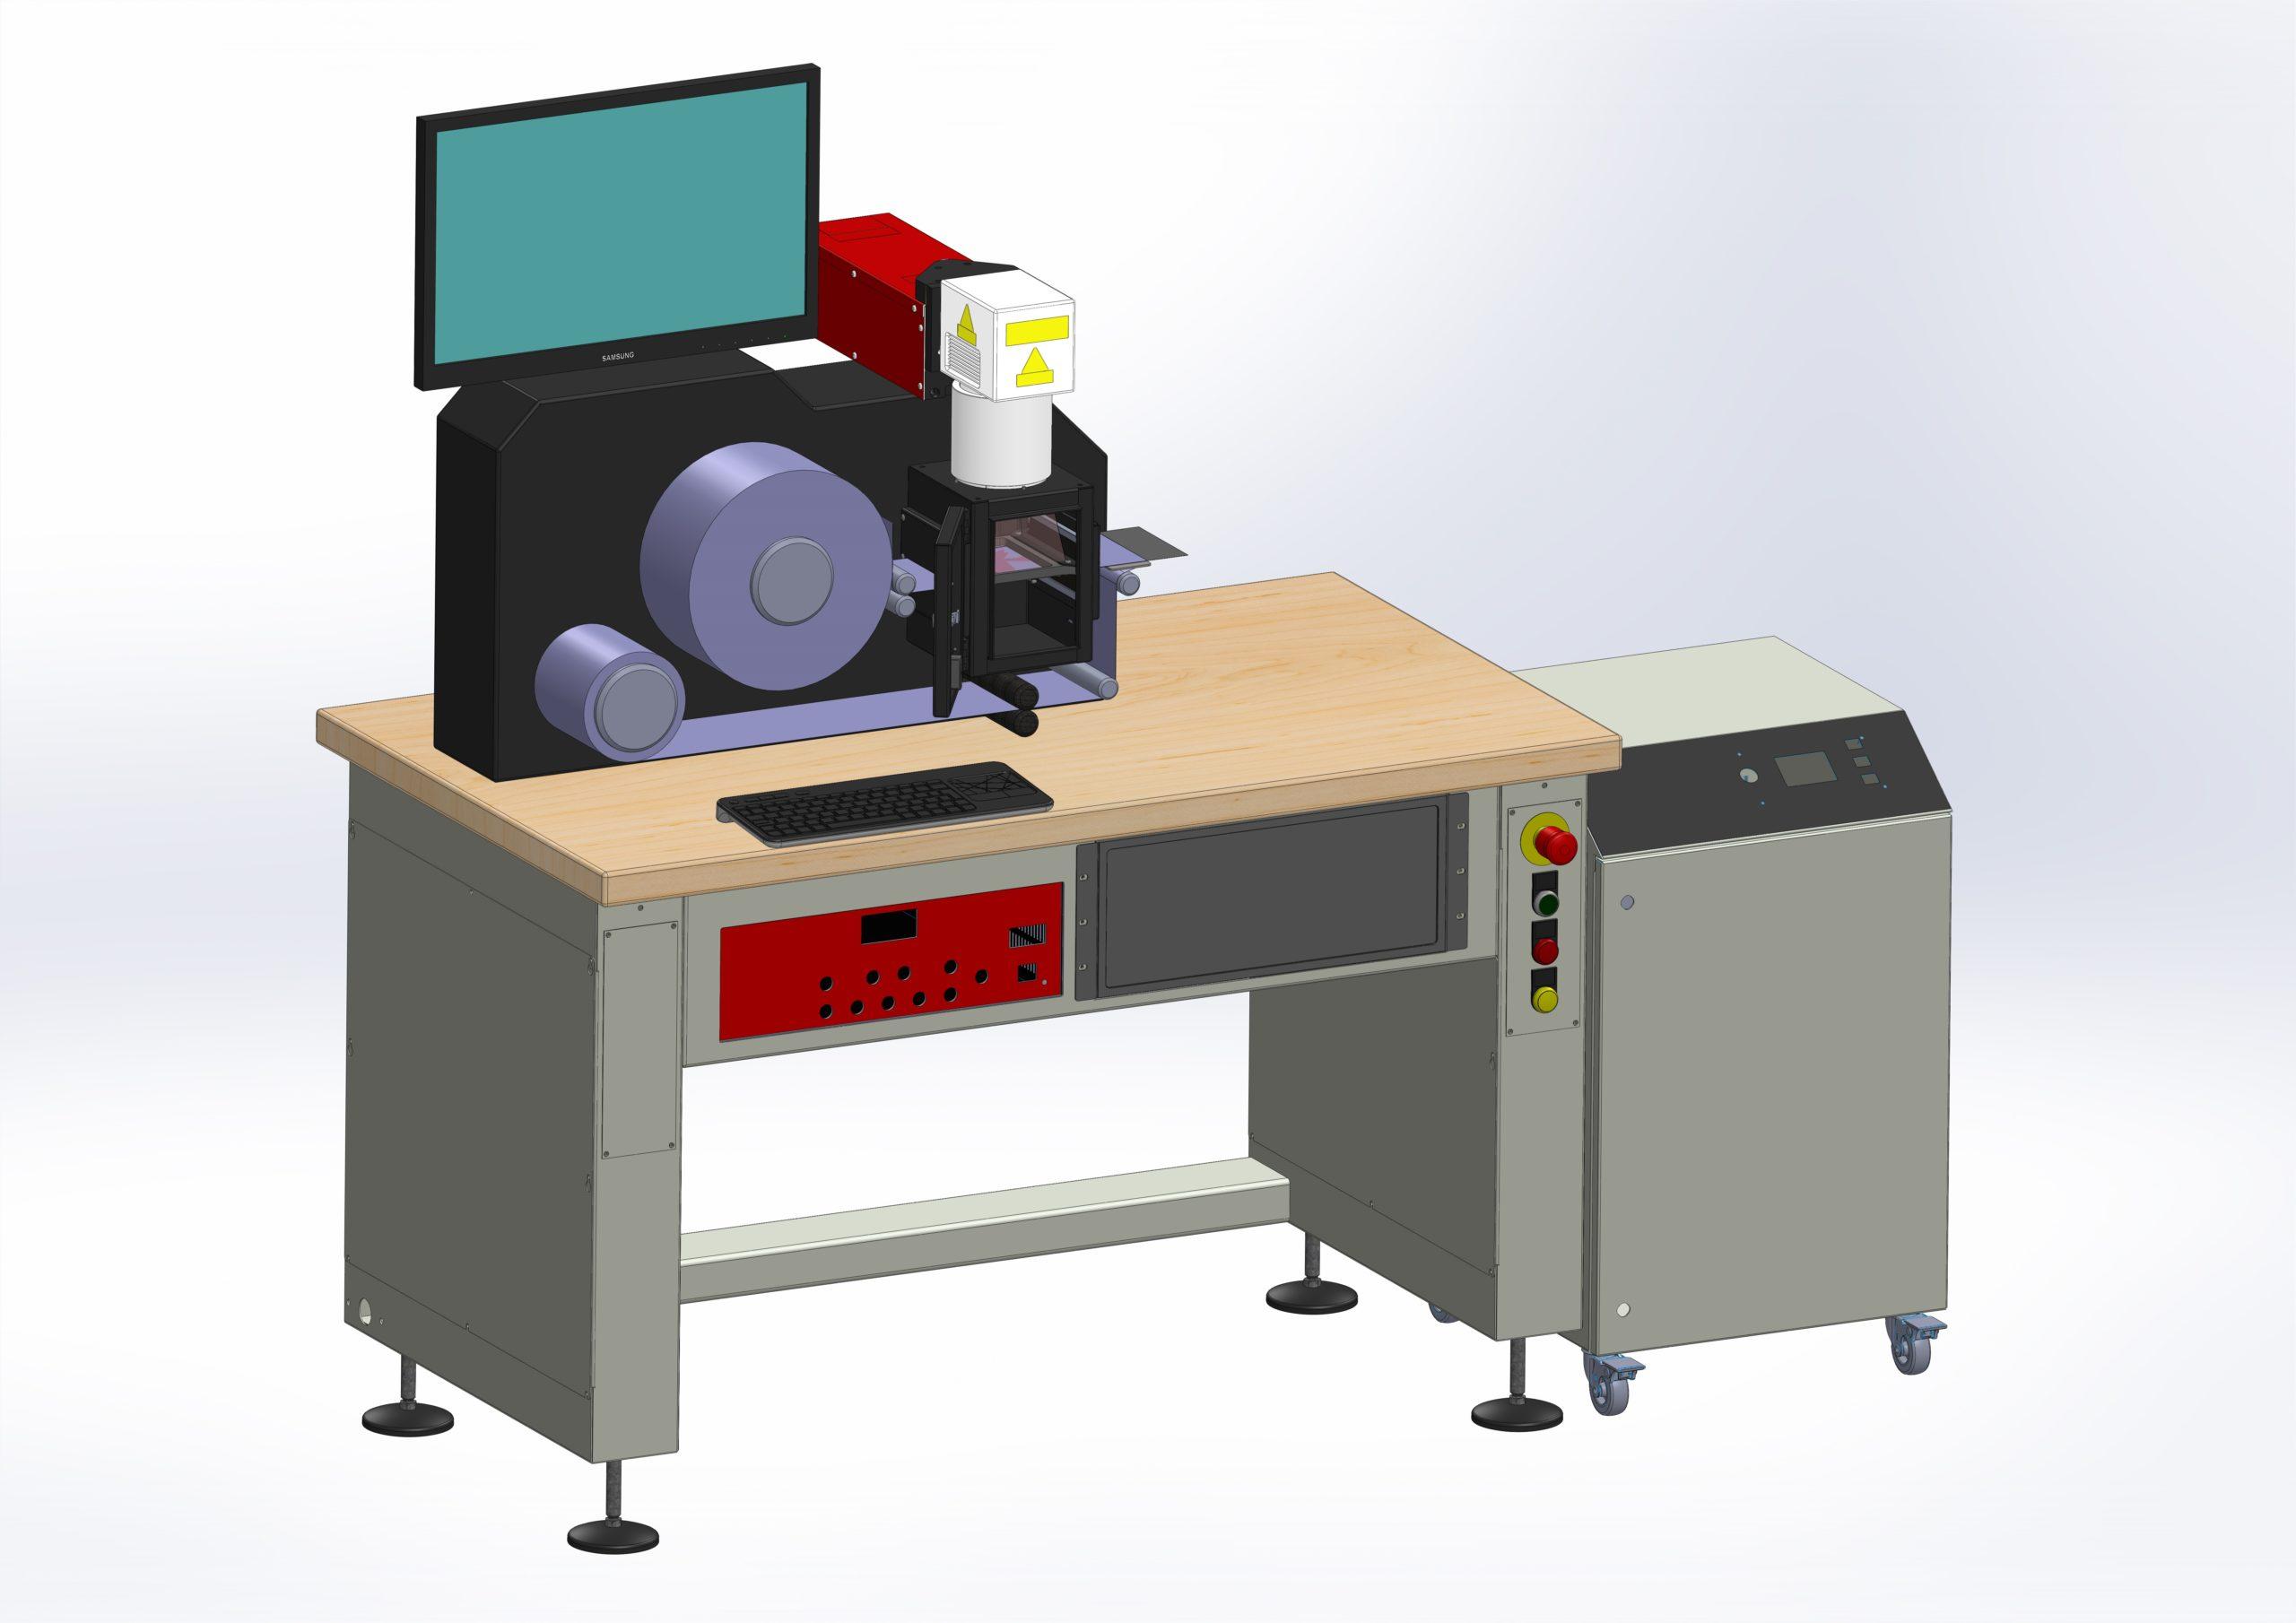 TESA 6930 Laser Printer